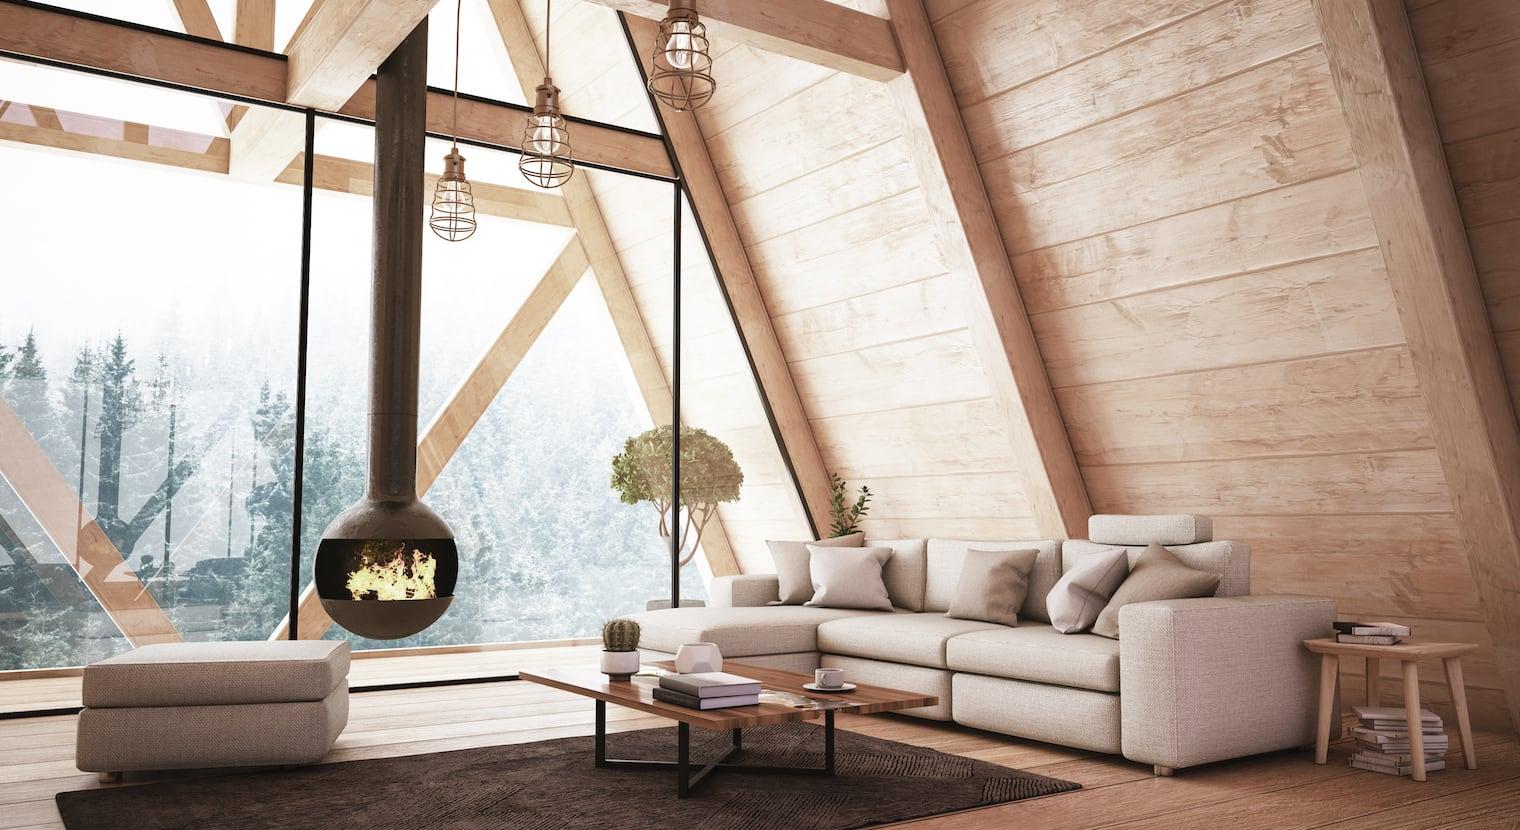 Chambre avec murs en bois. Vue sur un contrefort depuis la grande fenêtre.